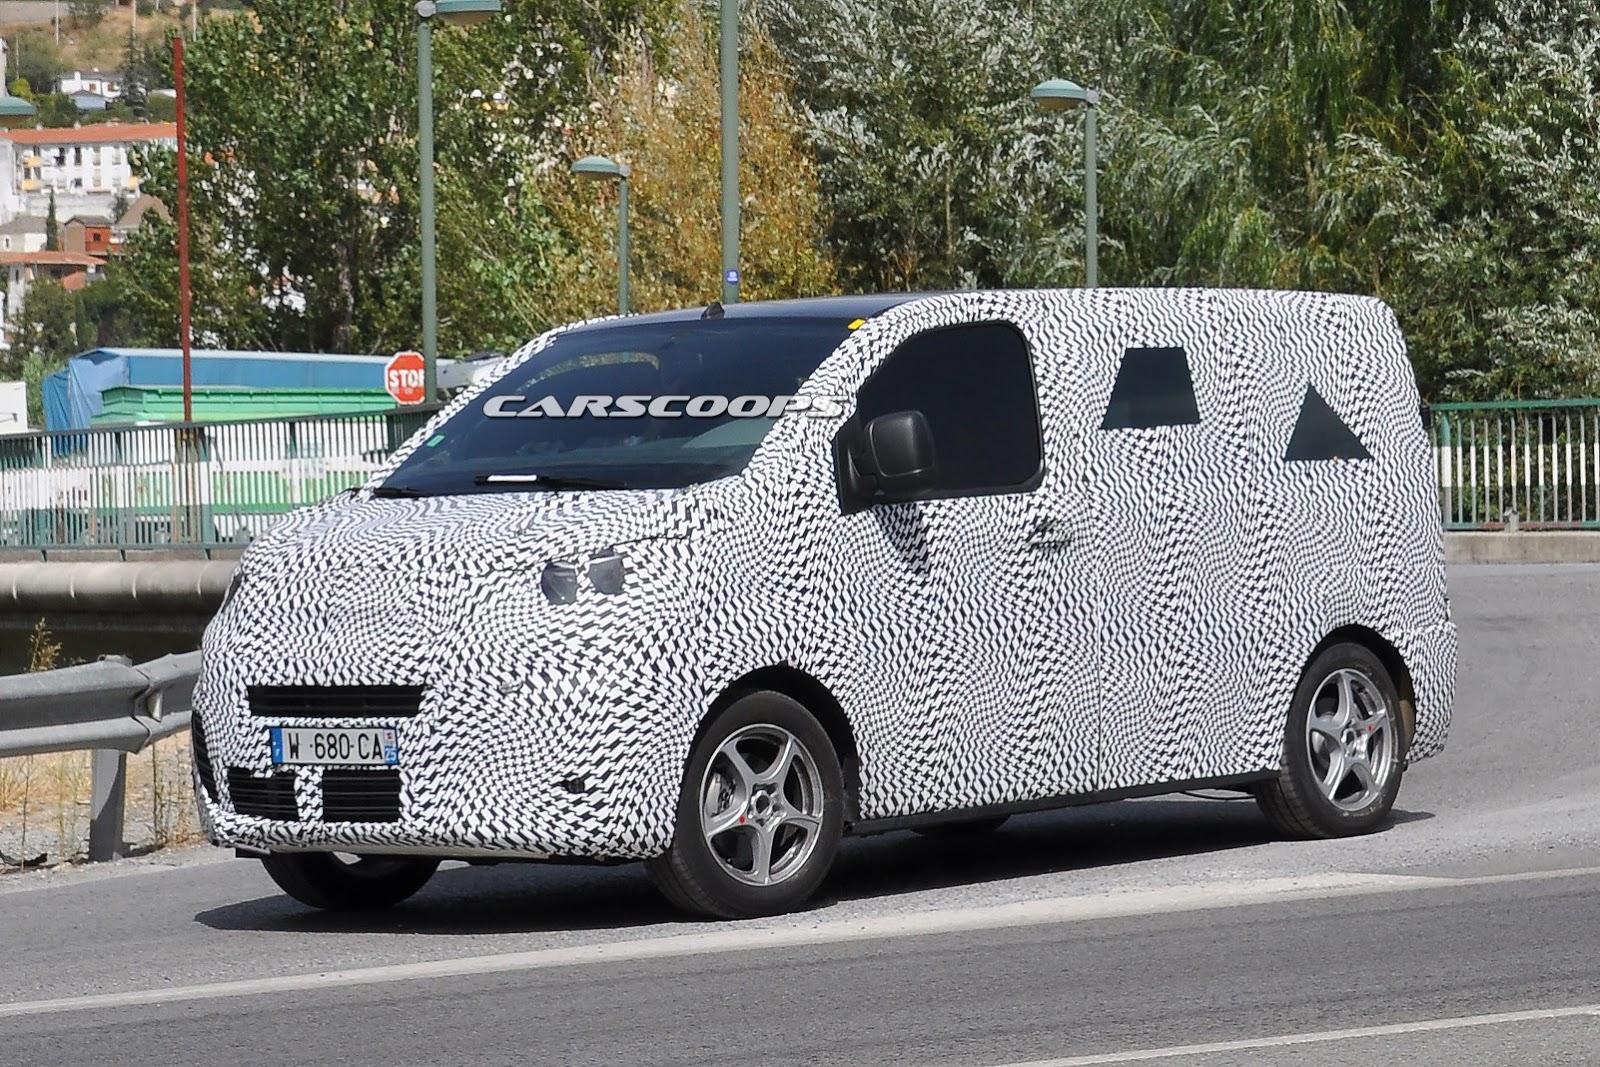 2016 - [Citroën/Peugeot/Toyota] SpaceTourer/Traveller/ProAce - Page 3 Citroen-Tubik-Jumpy-1